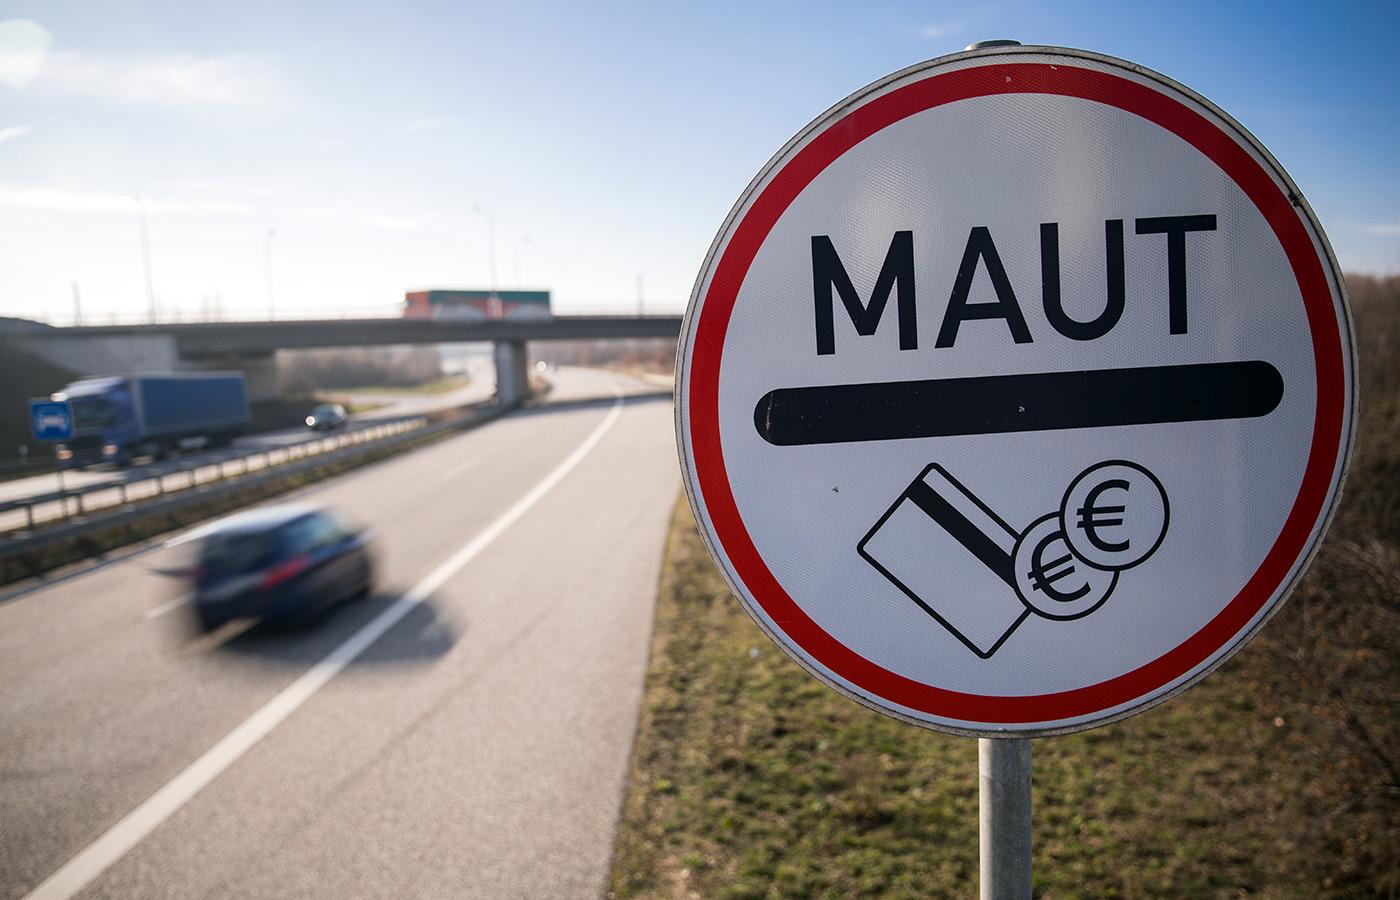 Verstoß gegen EU-Recht: Europäischer Gerichtshof kippt deutsche Pkw-Maut